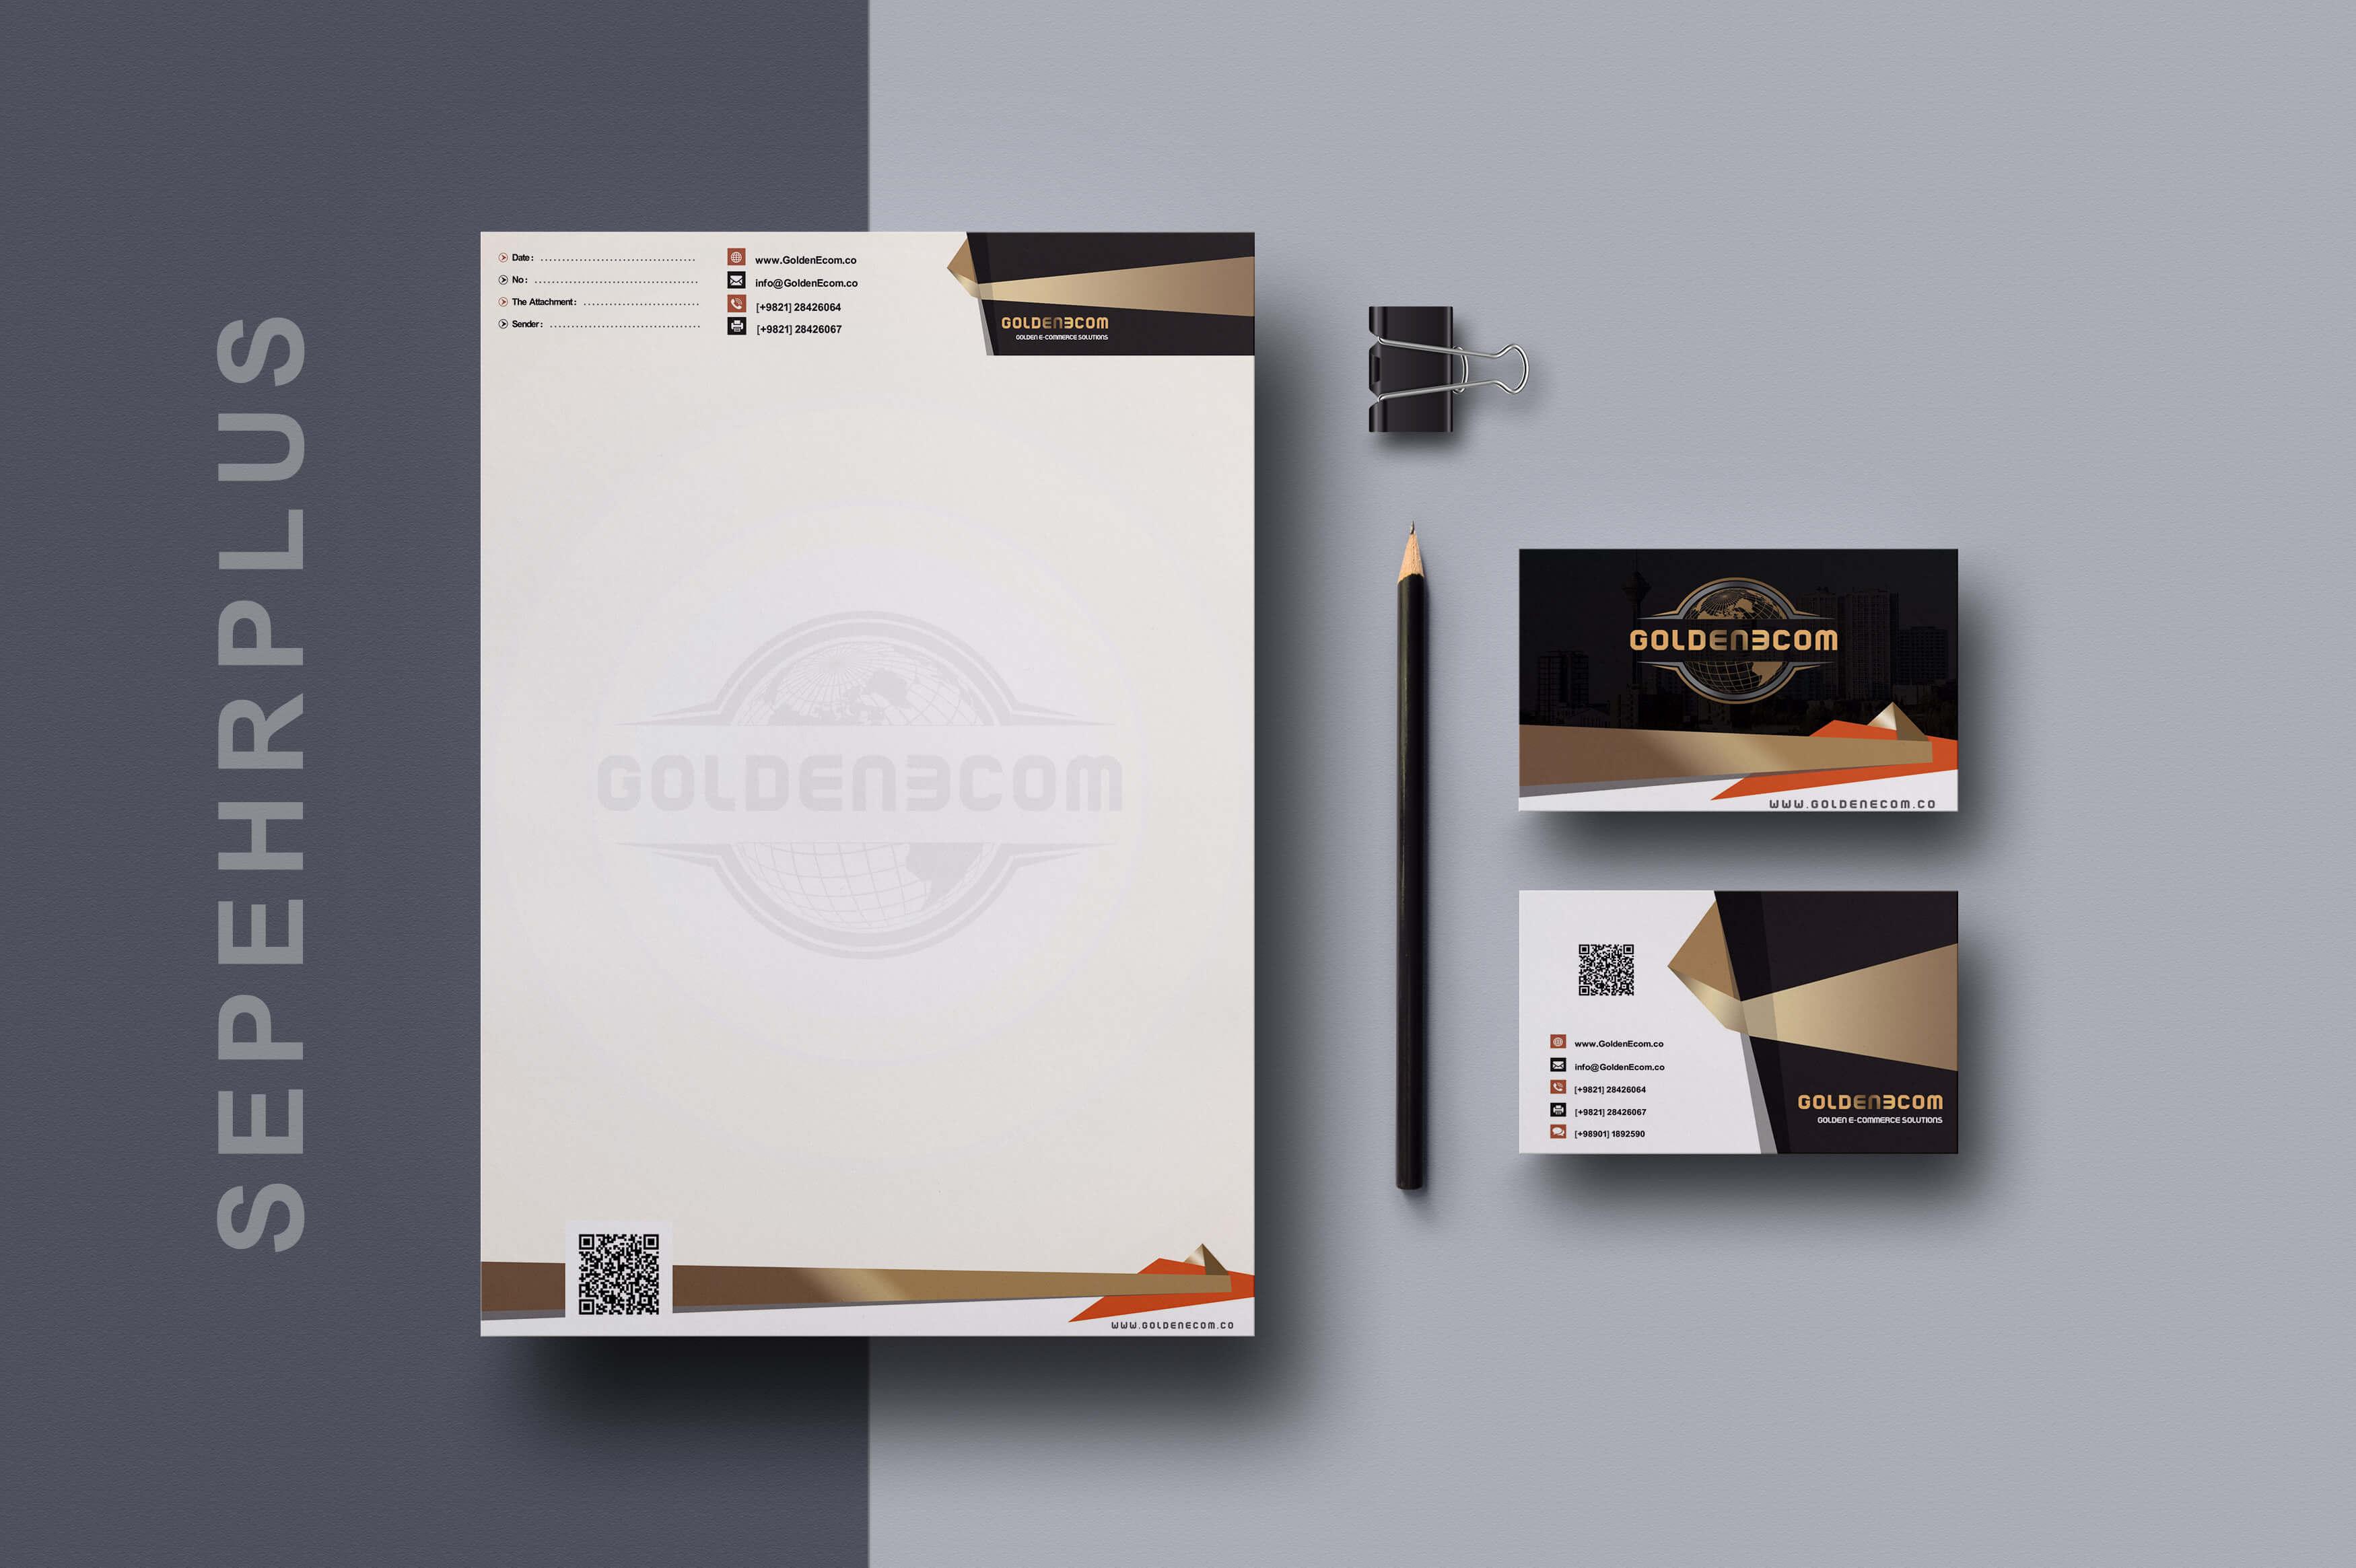 طراحی ست اداری شرکت گلدن ای وب